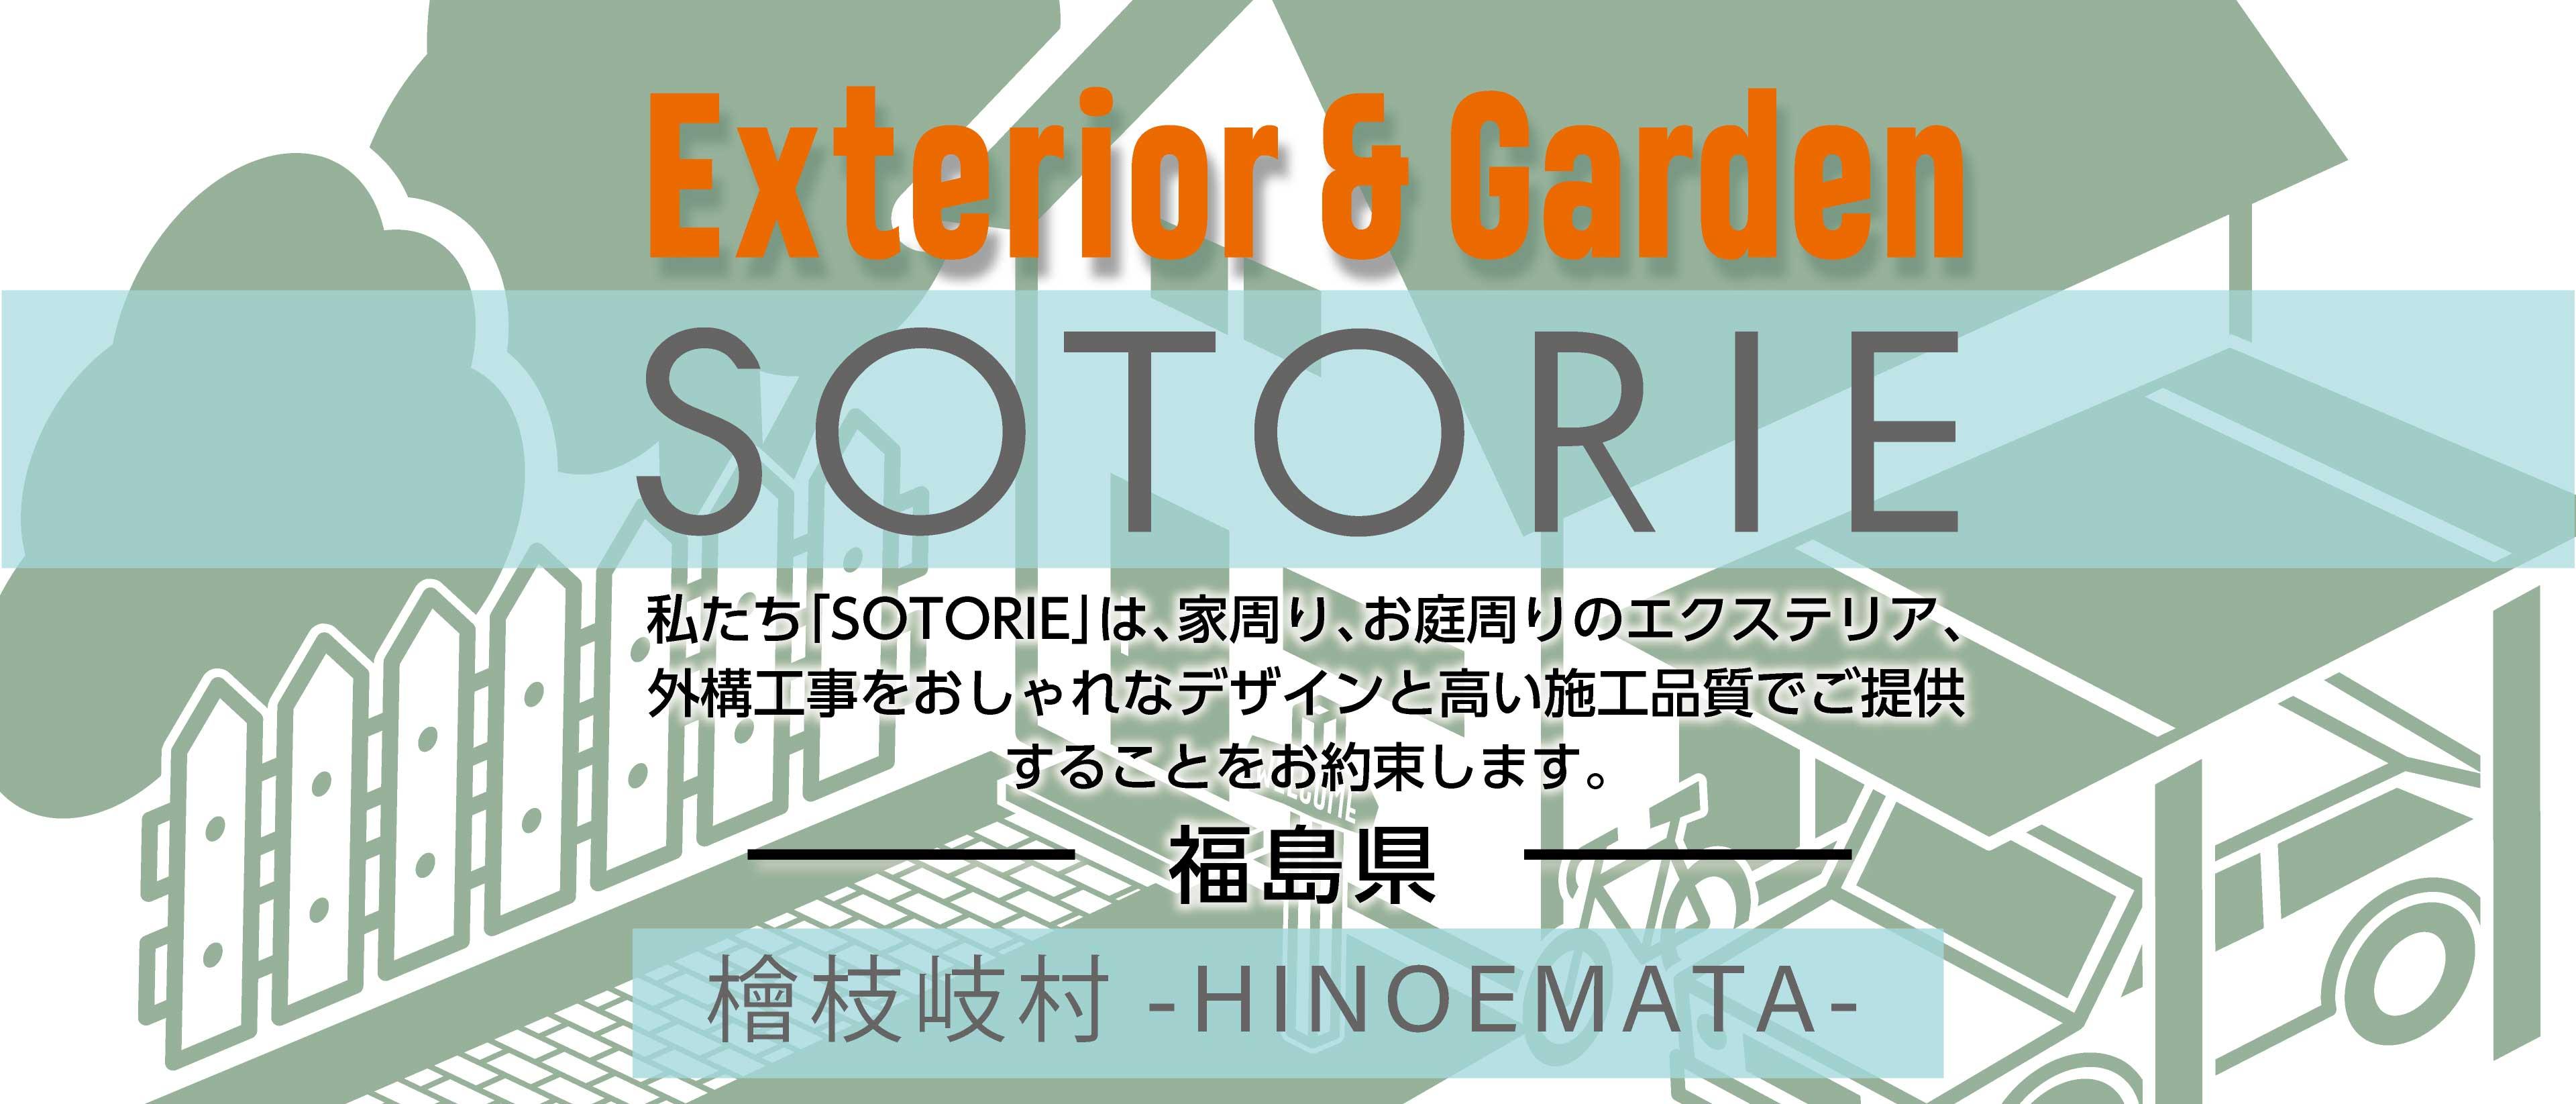 ソトリエ檜枝岐村では、家周りと庭周りの外構、エクステリア工事をおしゃれなデザインと高い施工品質でご提供することをお約束します。